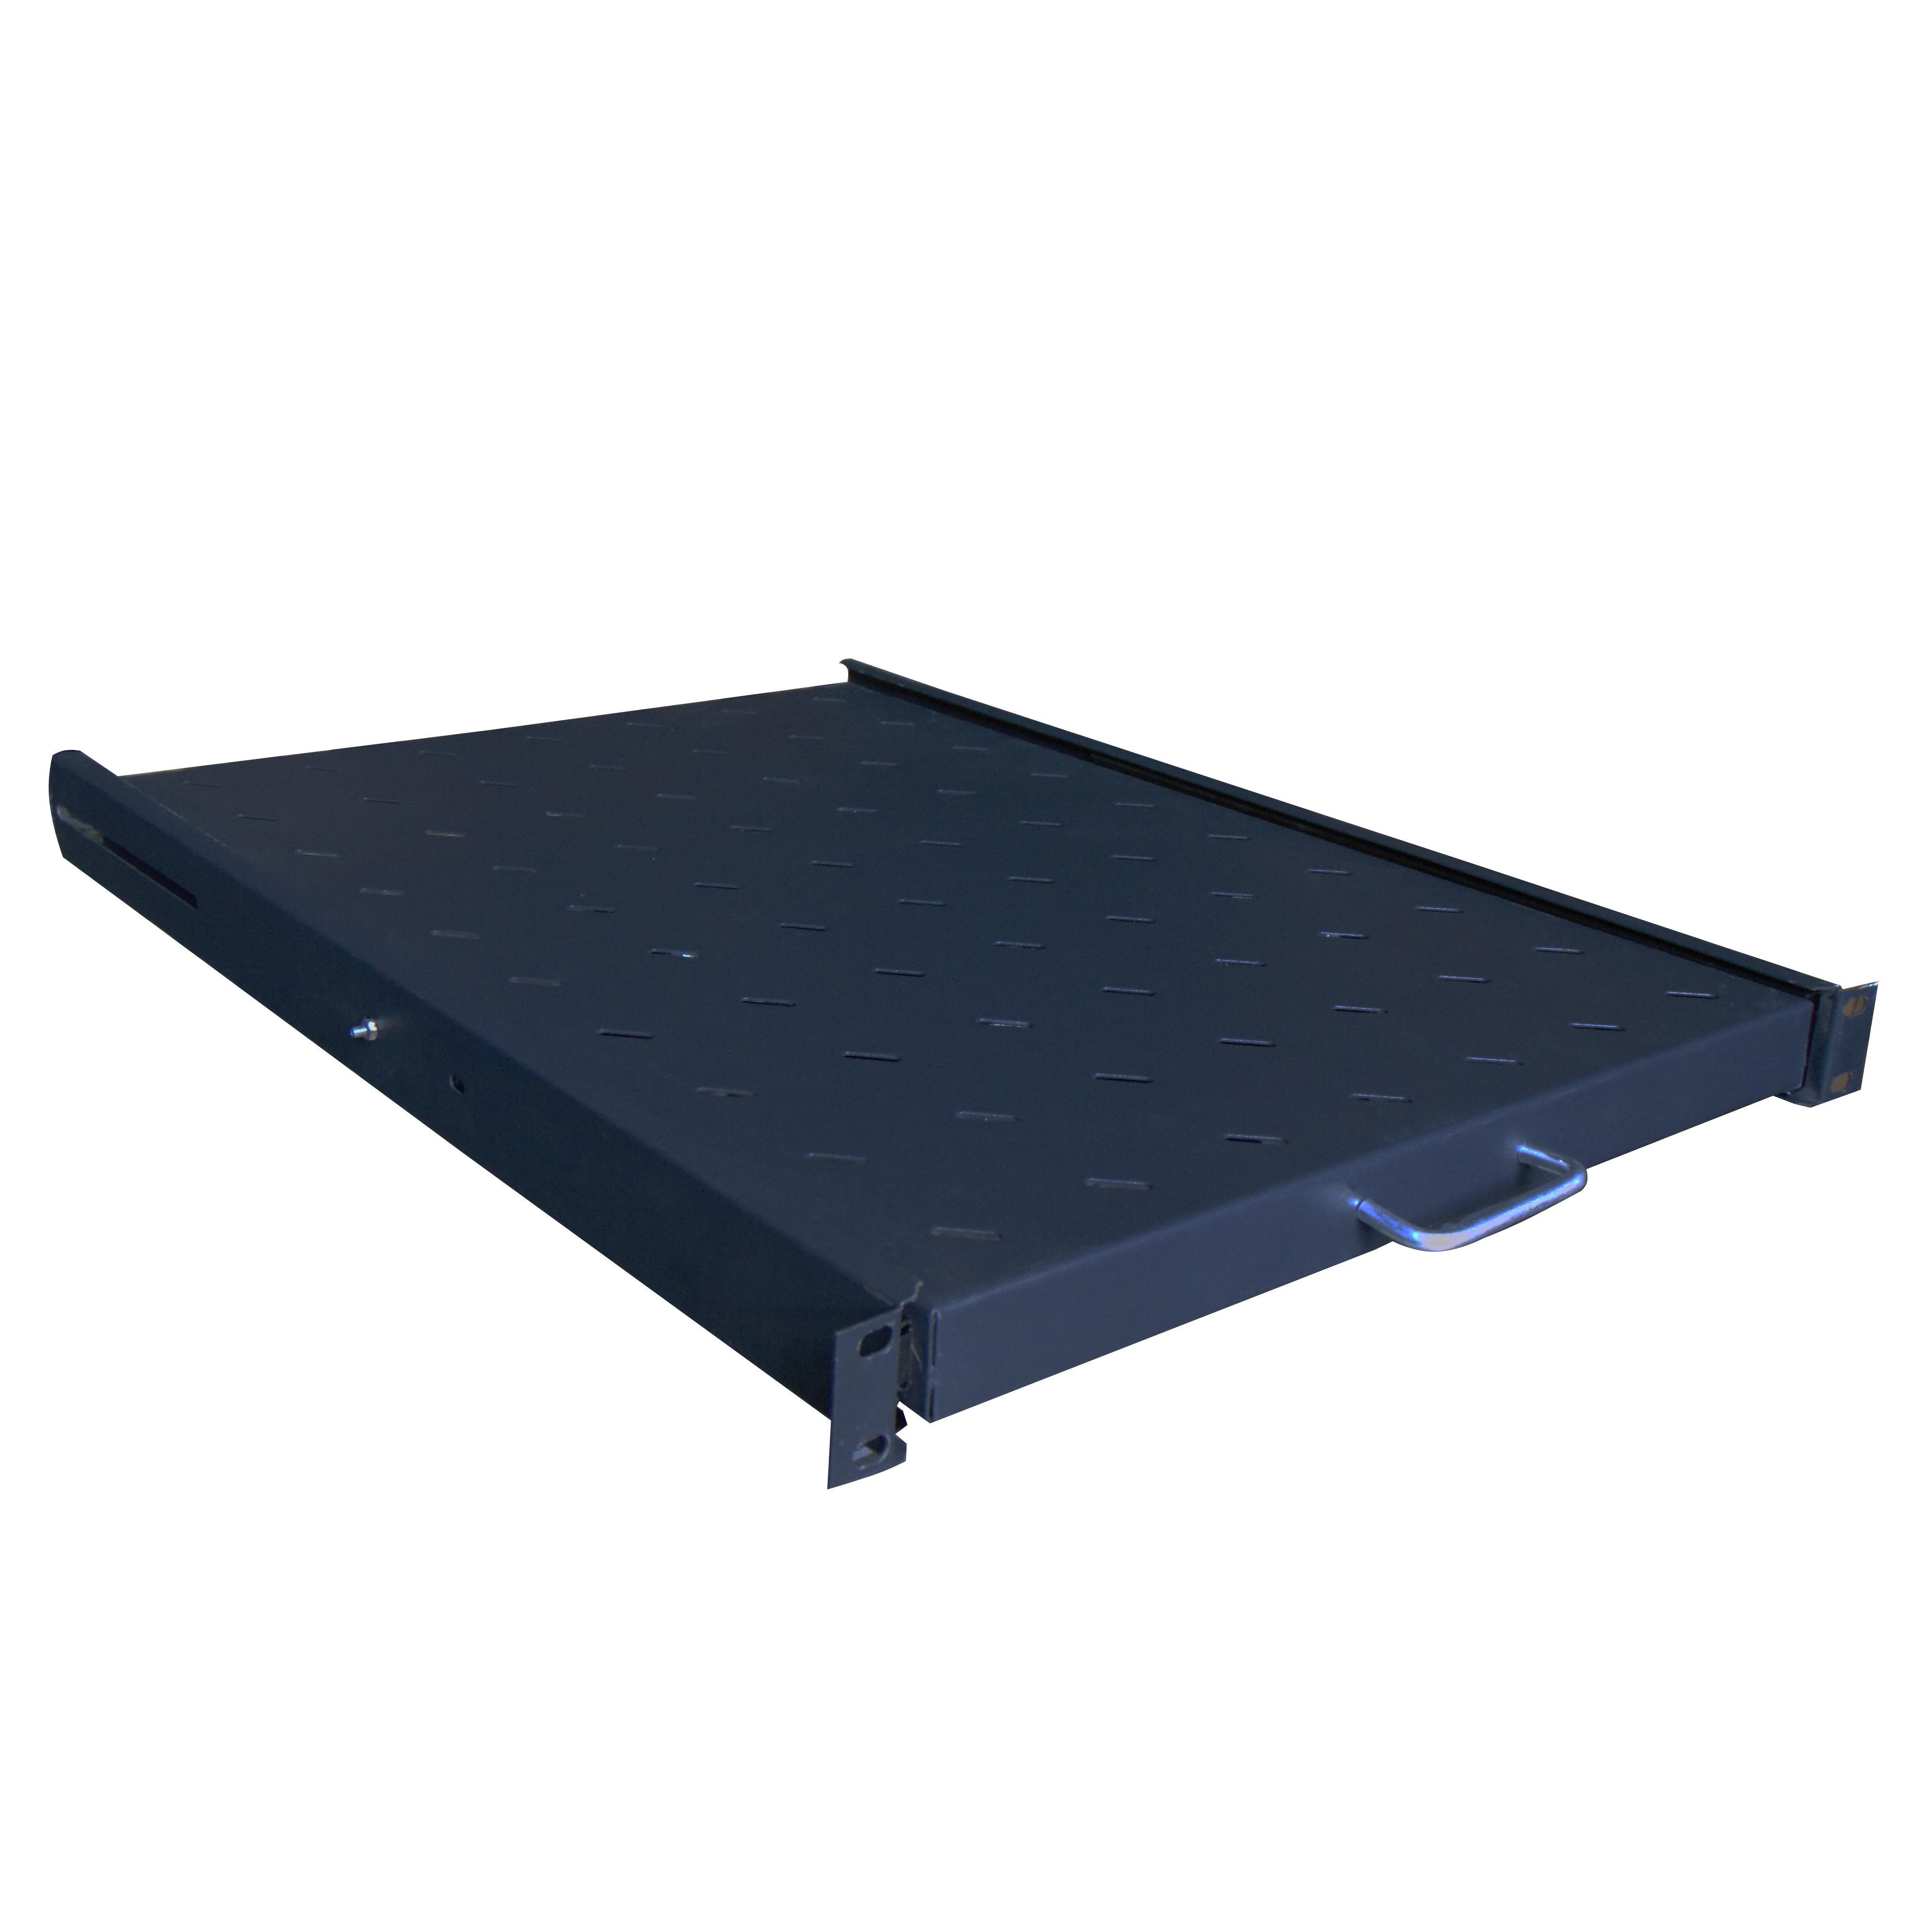 Khay Trượt SlideTray Cho Tủ Rack, Tủ Mạng - TMC SlideTray 19 Inh